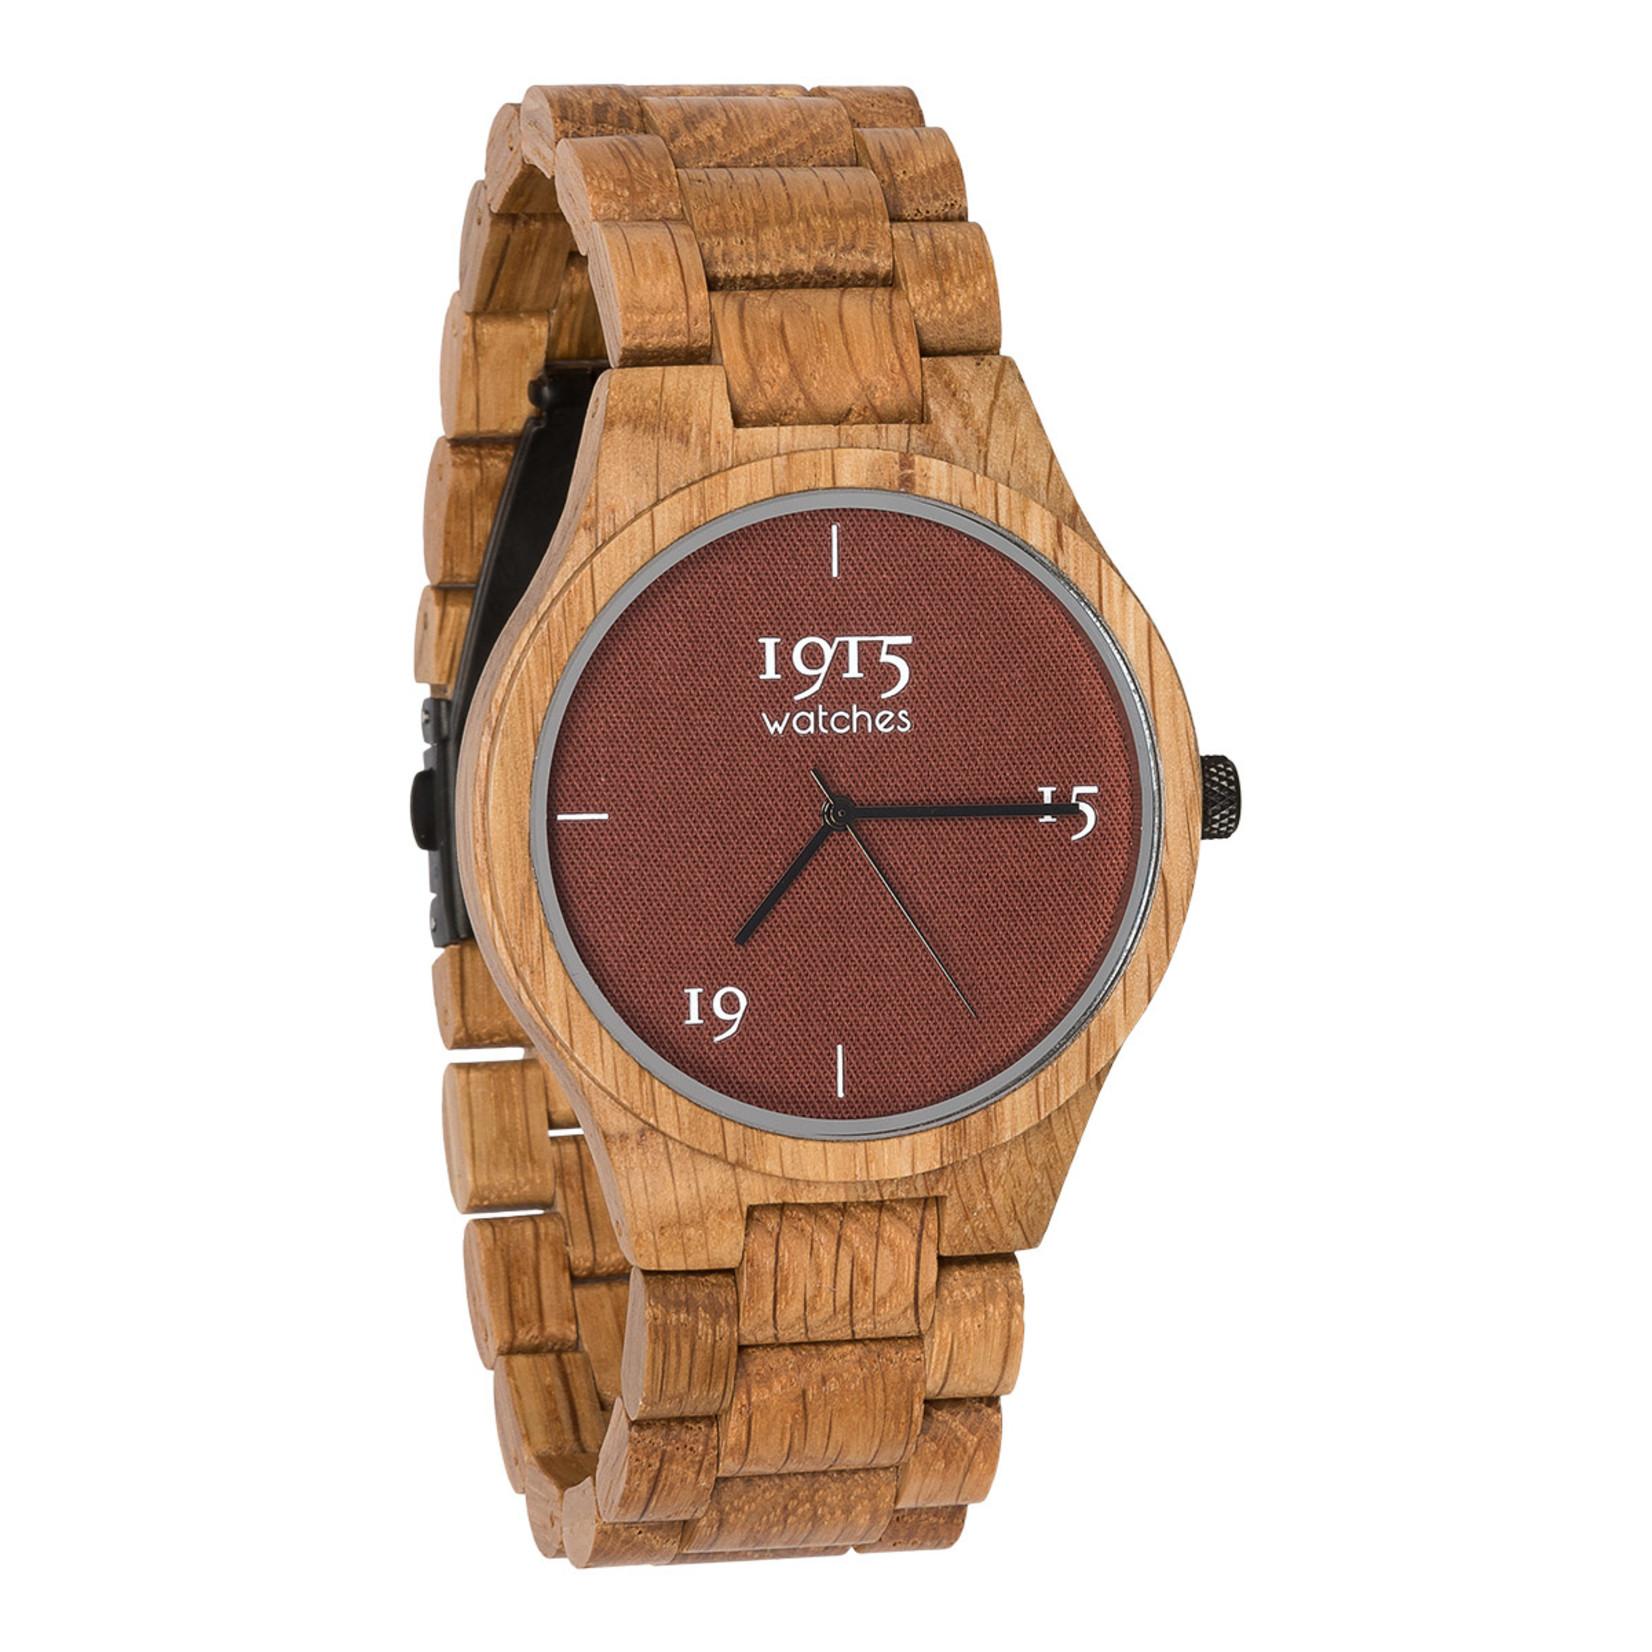 1915 watches 1915 watch men fine cotton madder | Houten heren horloge